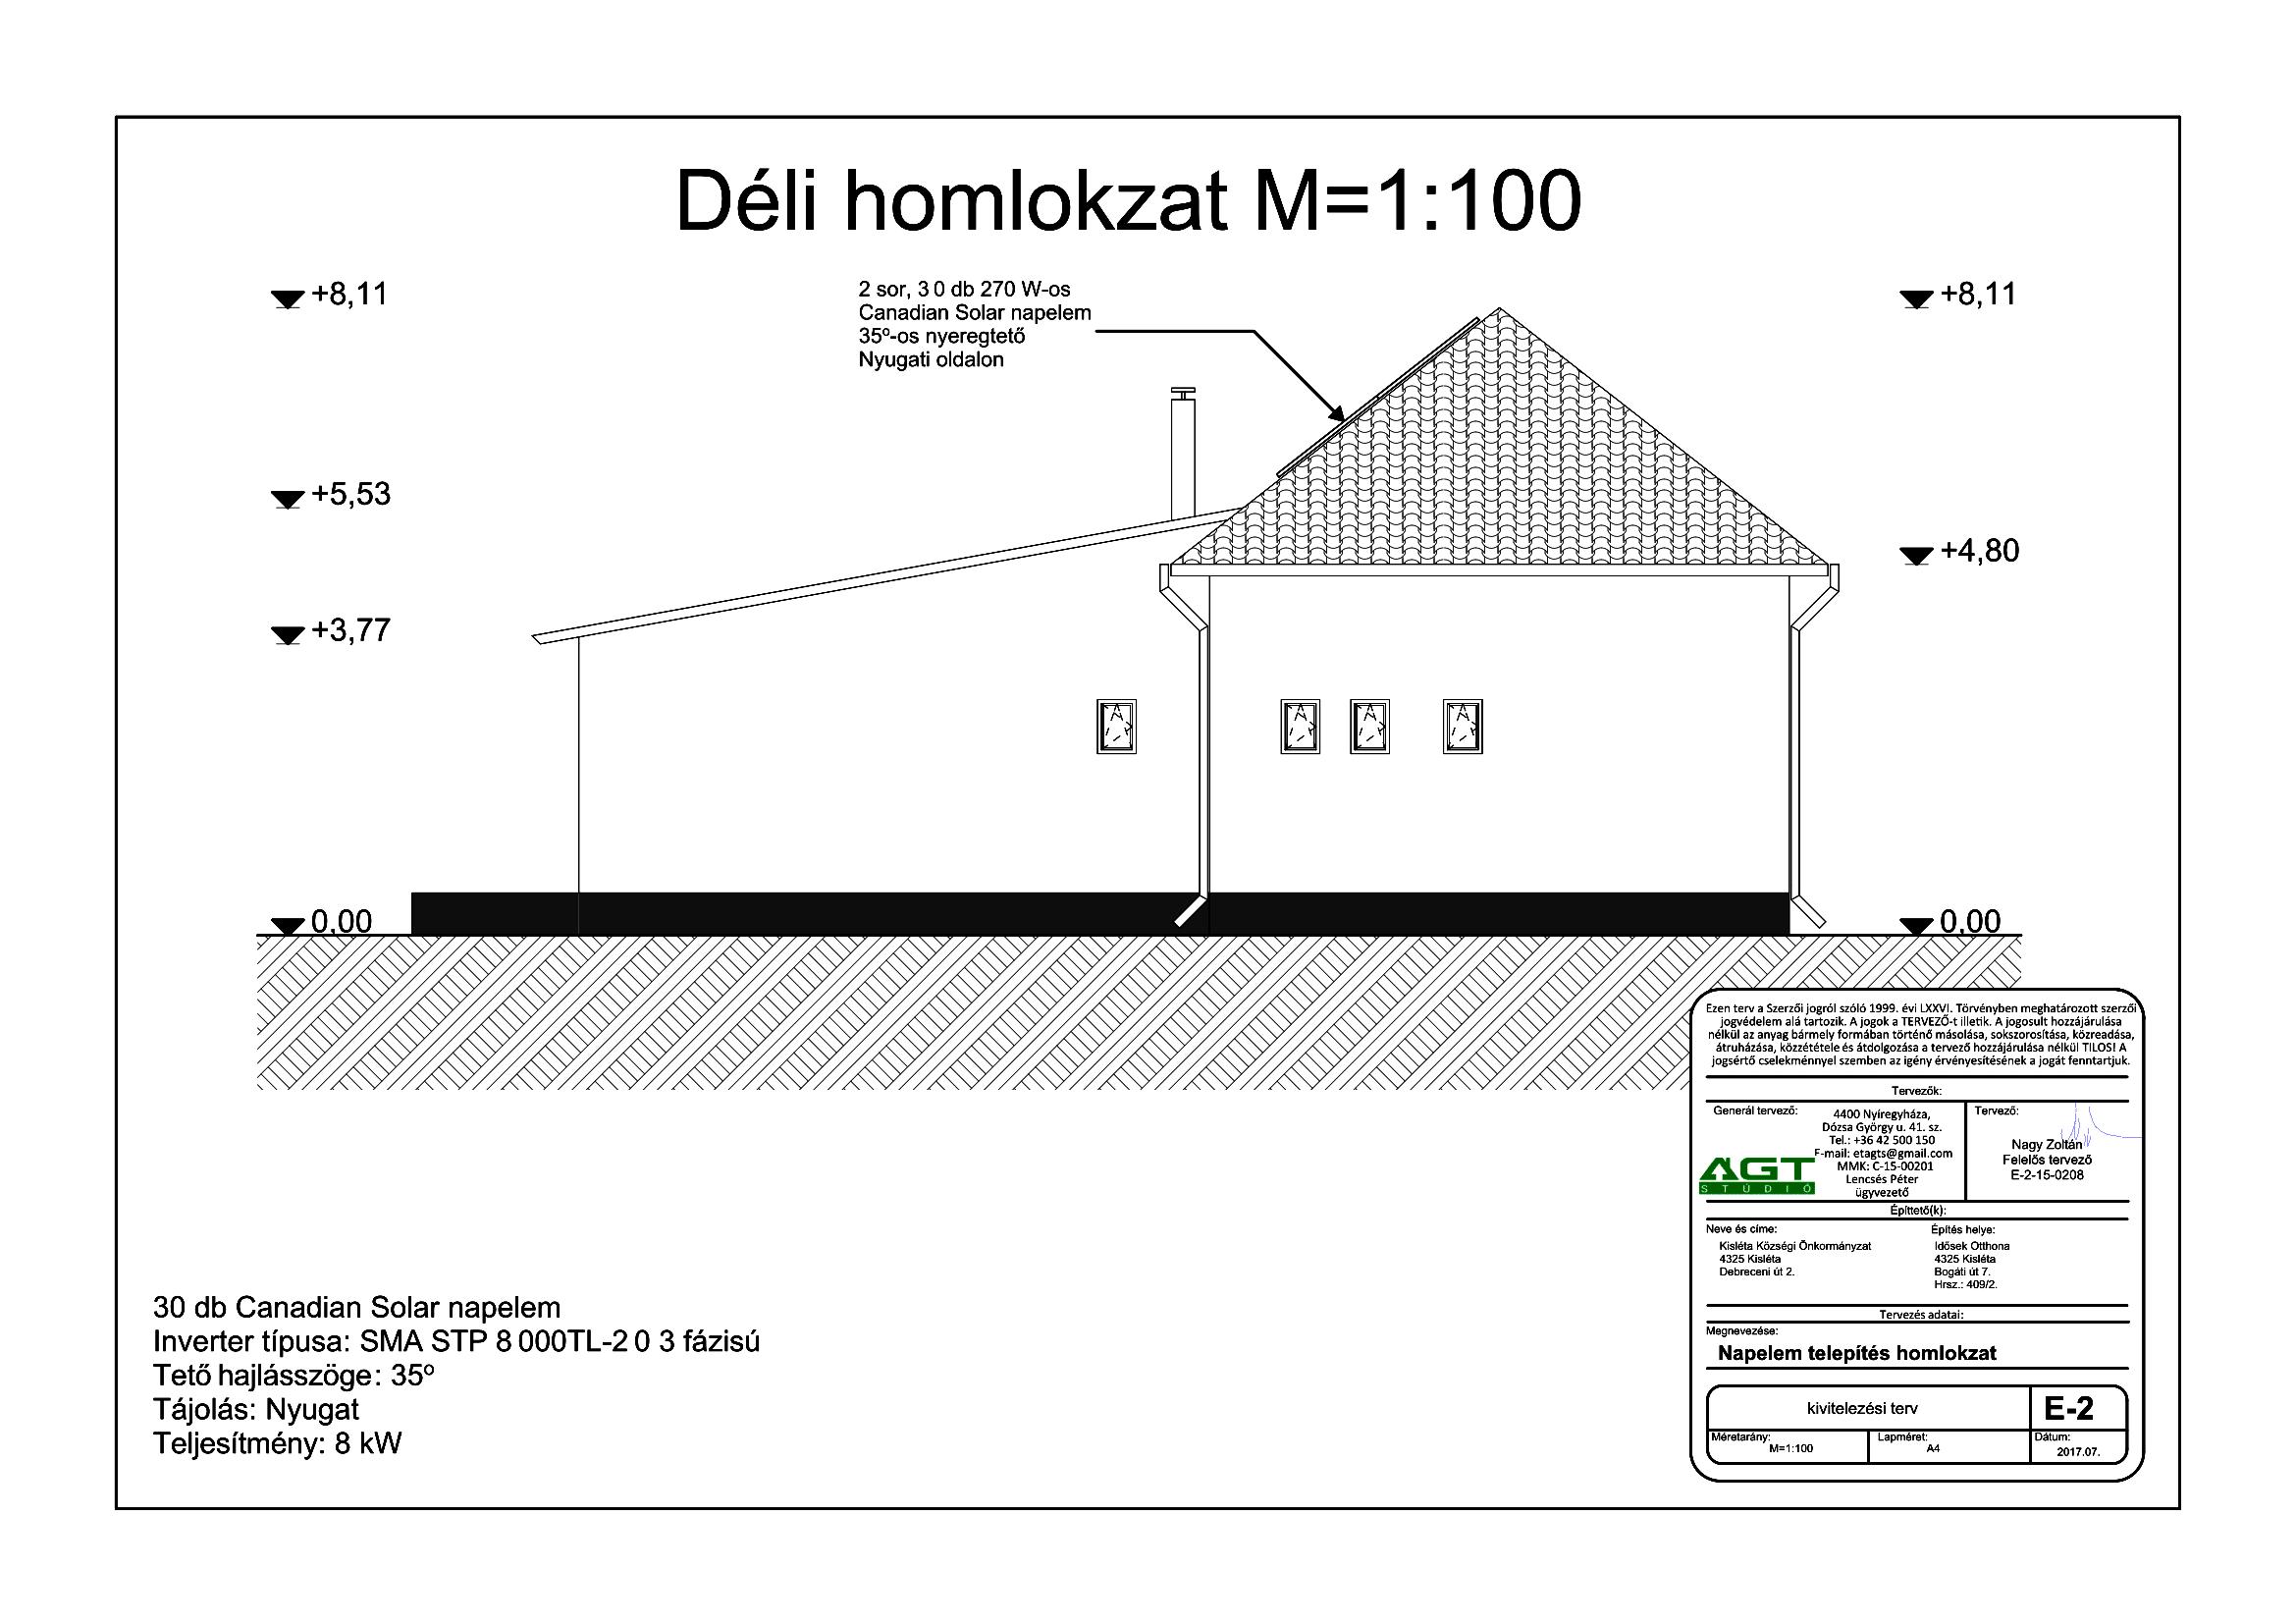 IDŐSEK OTTHONA - E-2 Napelem tervezés homlokzat